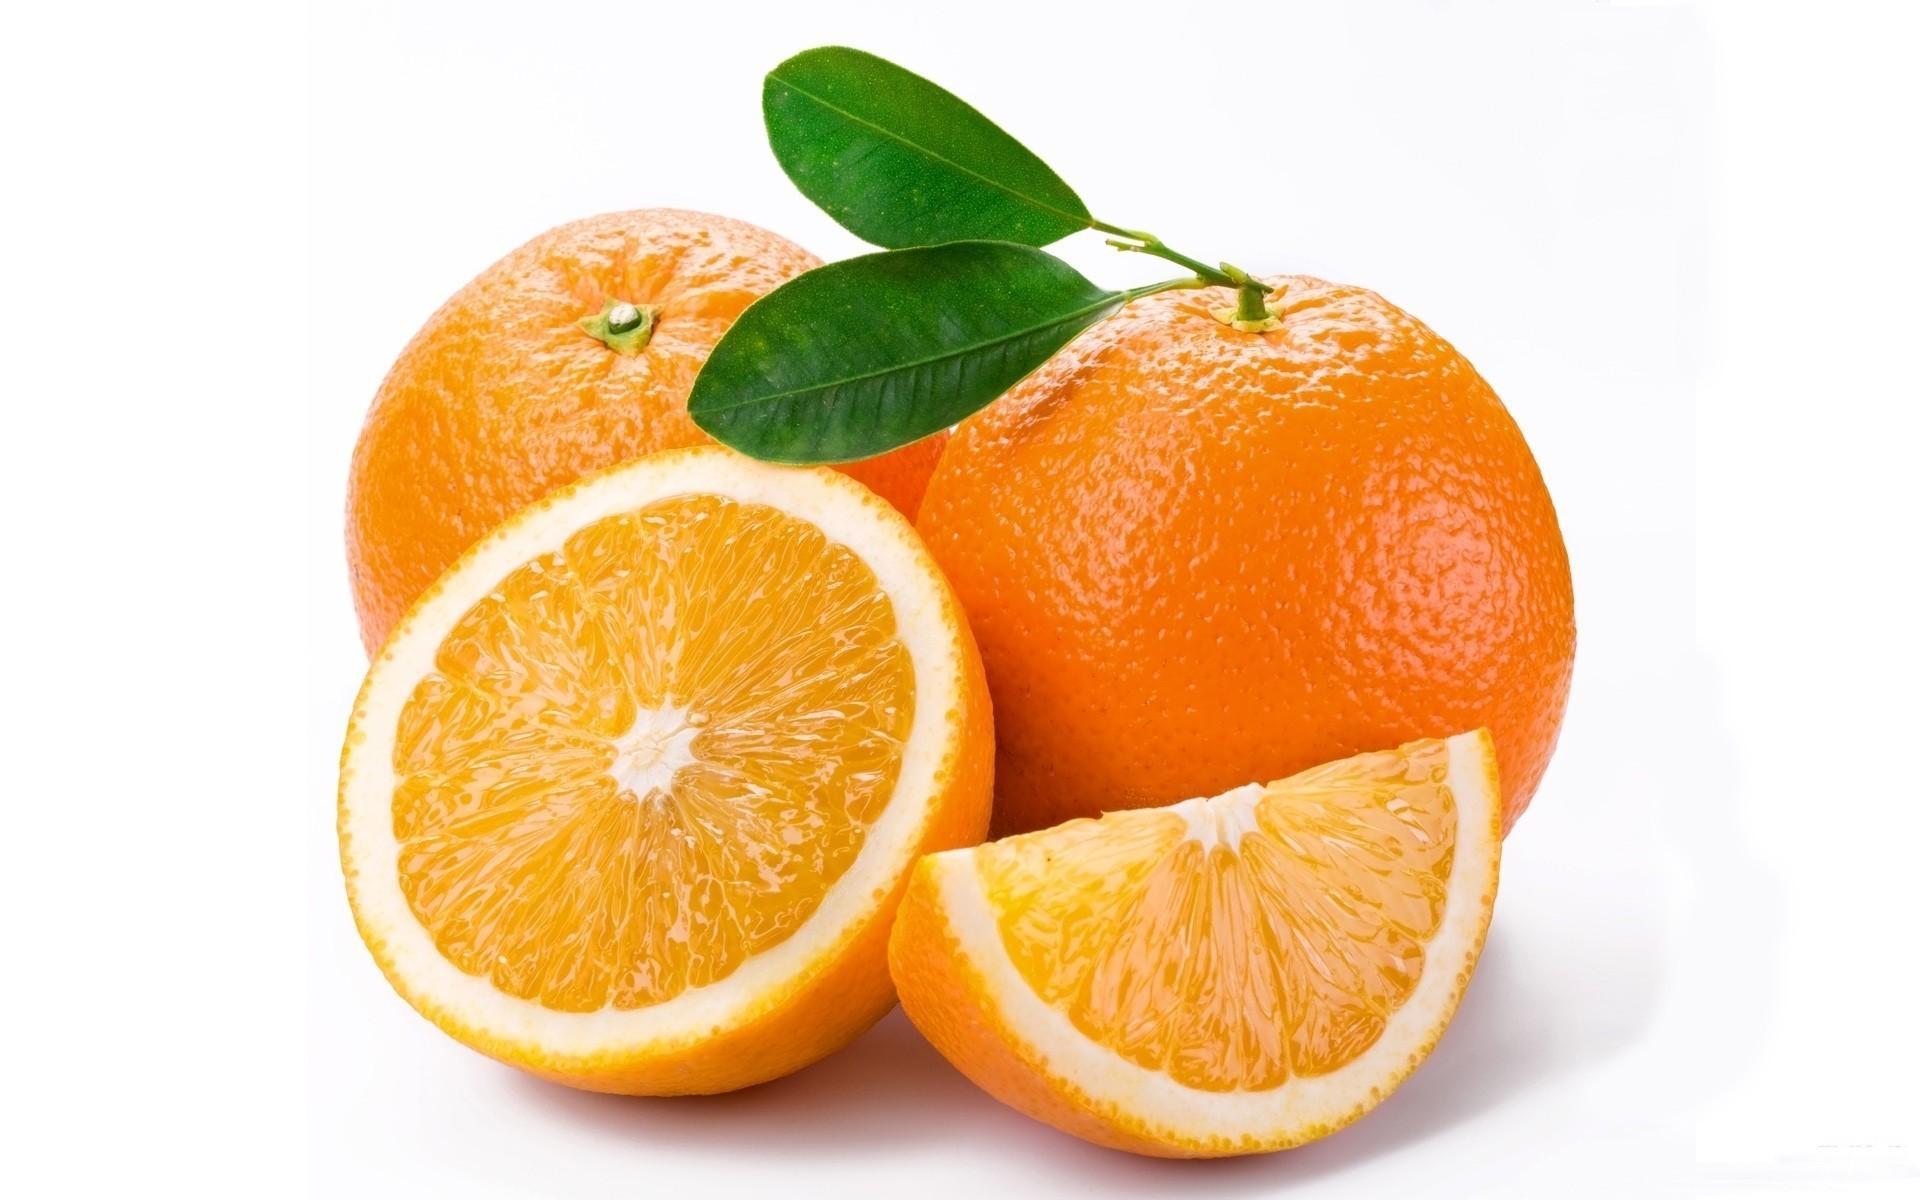 Vitamin C rich foods to treat Chikungunya